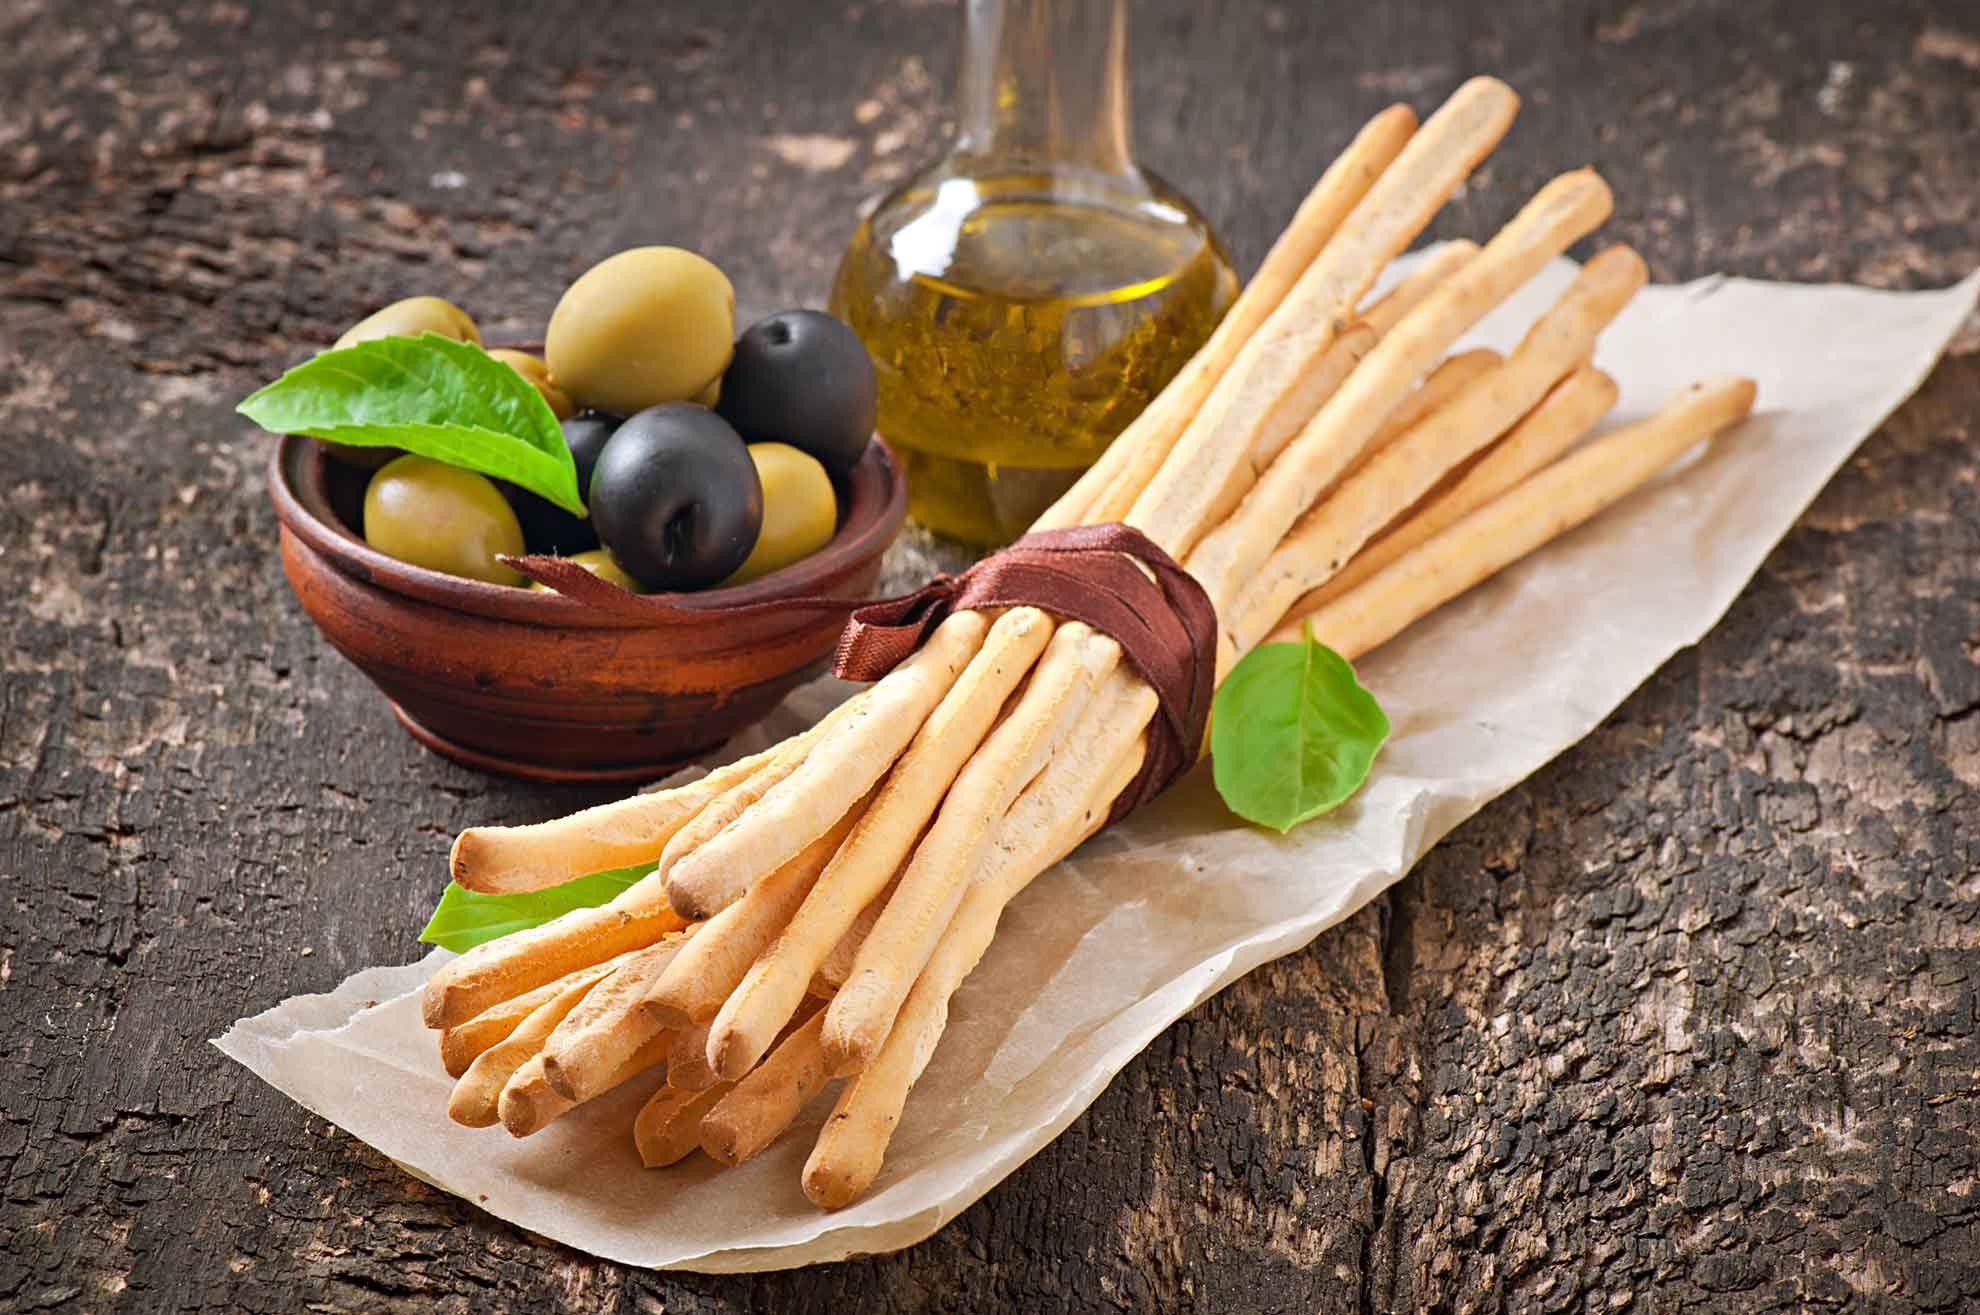 Prodotti non soggetti sanzioni olio olive grissini Russia - OBICONS